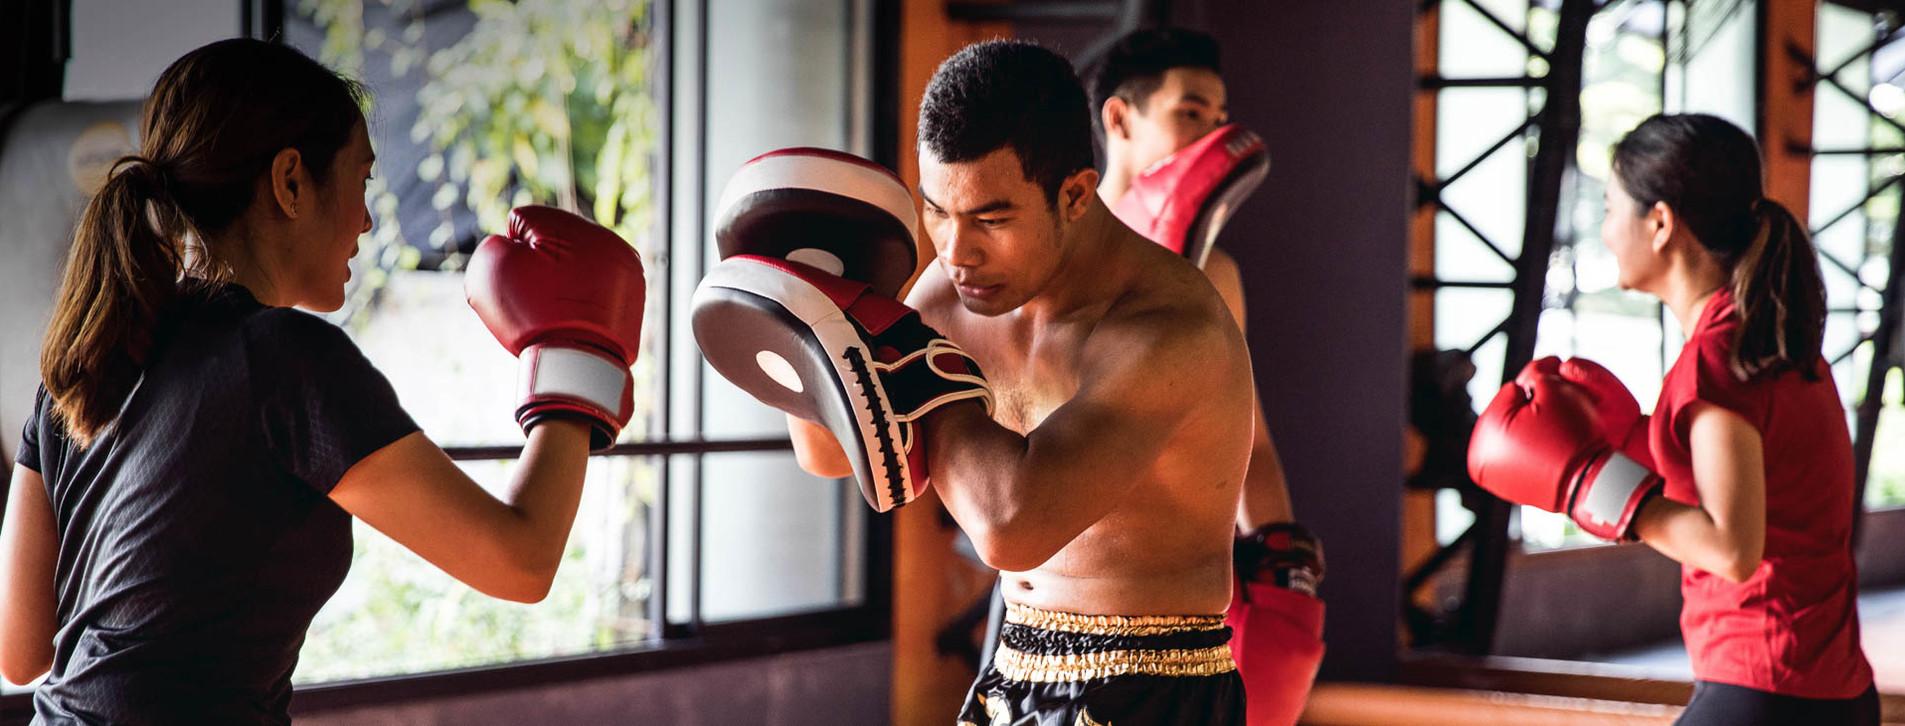 Фото 1 - Курс тайского бокса